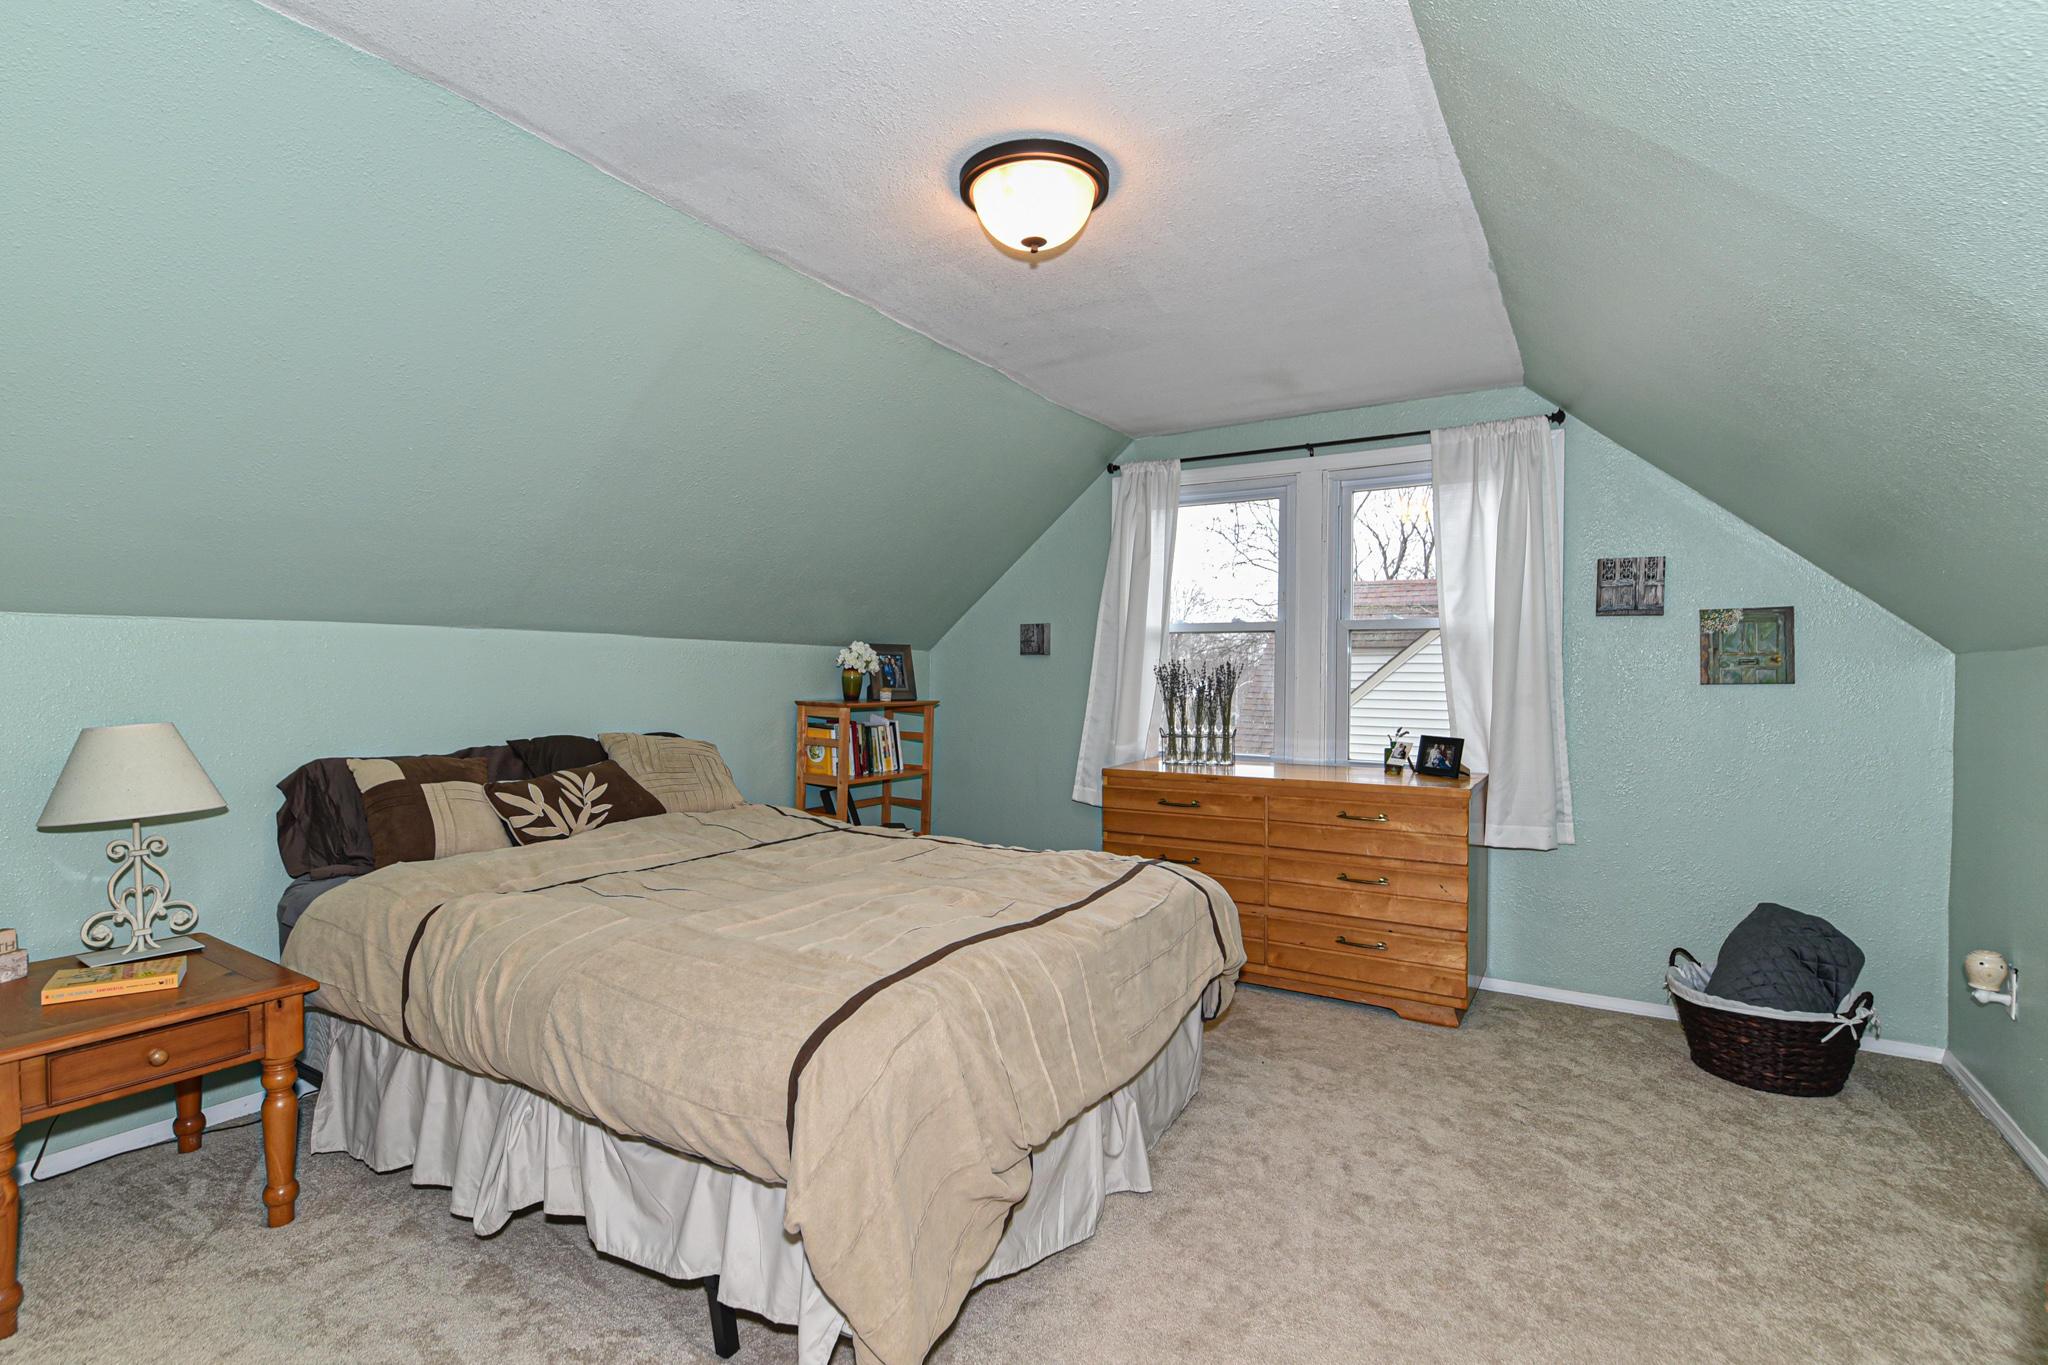 Upper bedroom 3 or master